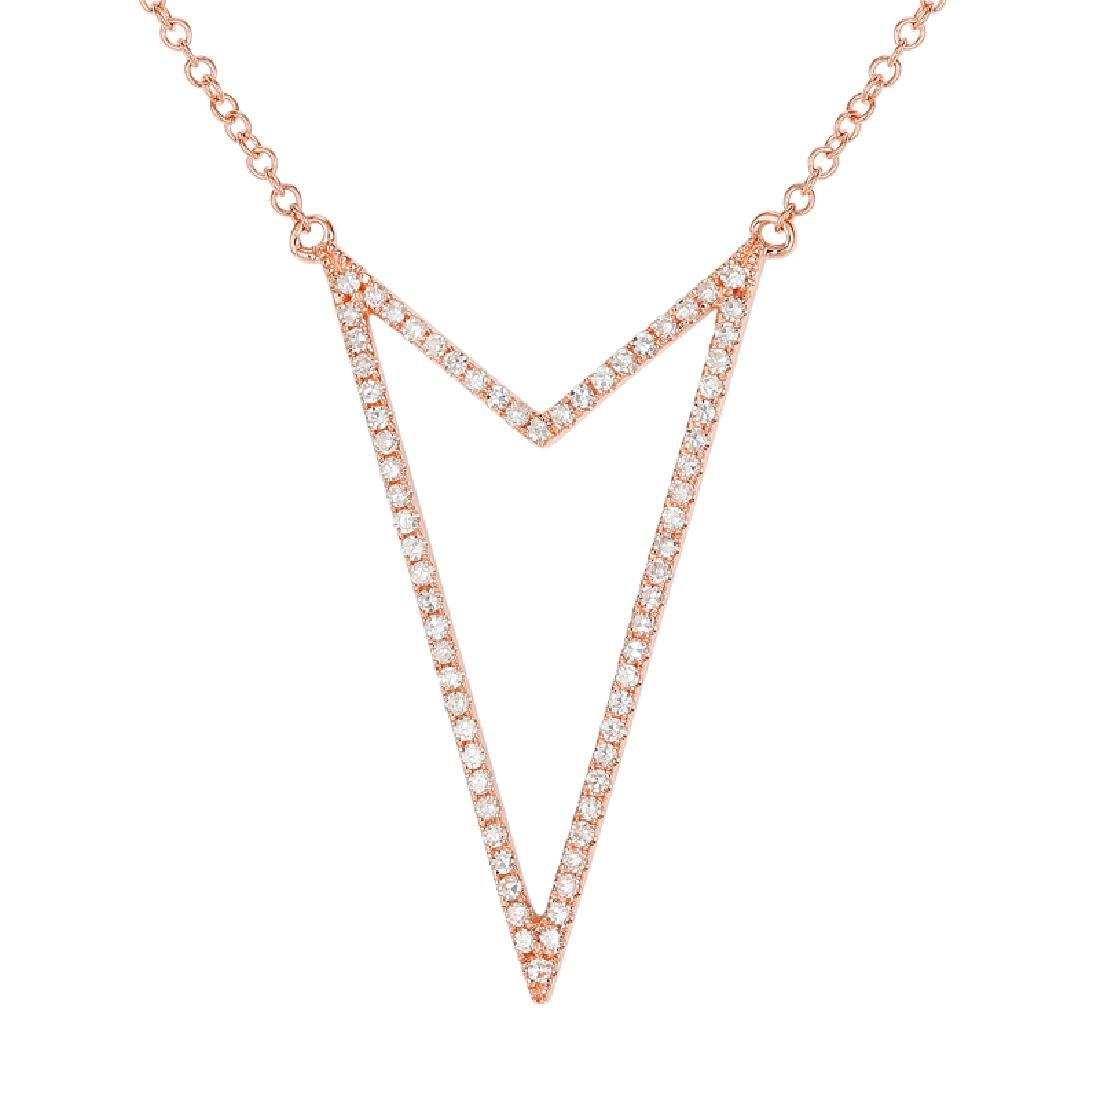 14KT Rose Gold Diamond Necklace - 2